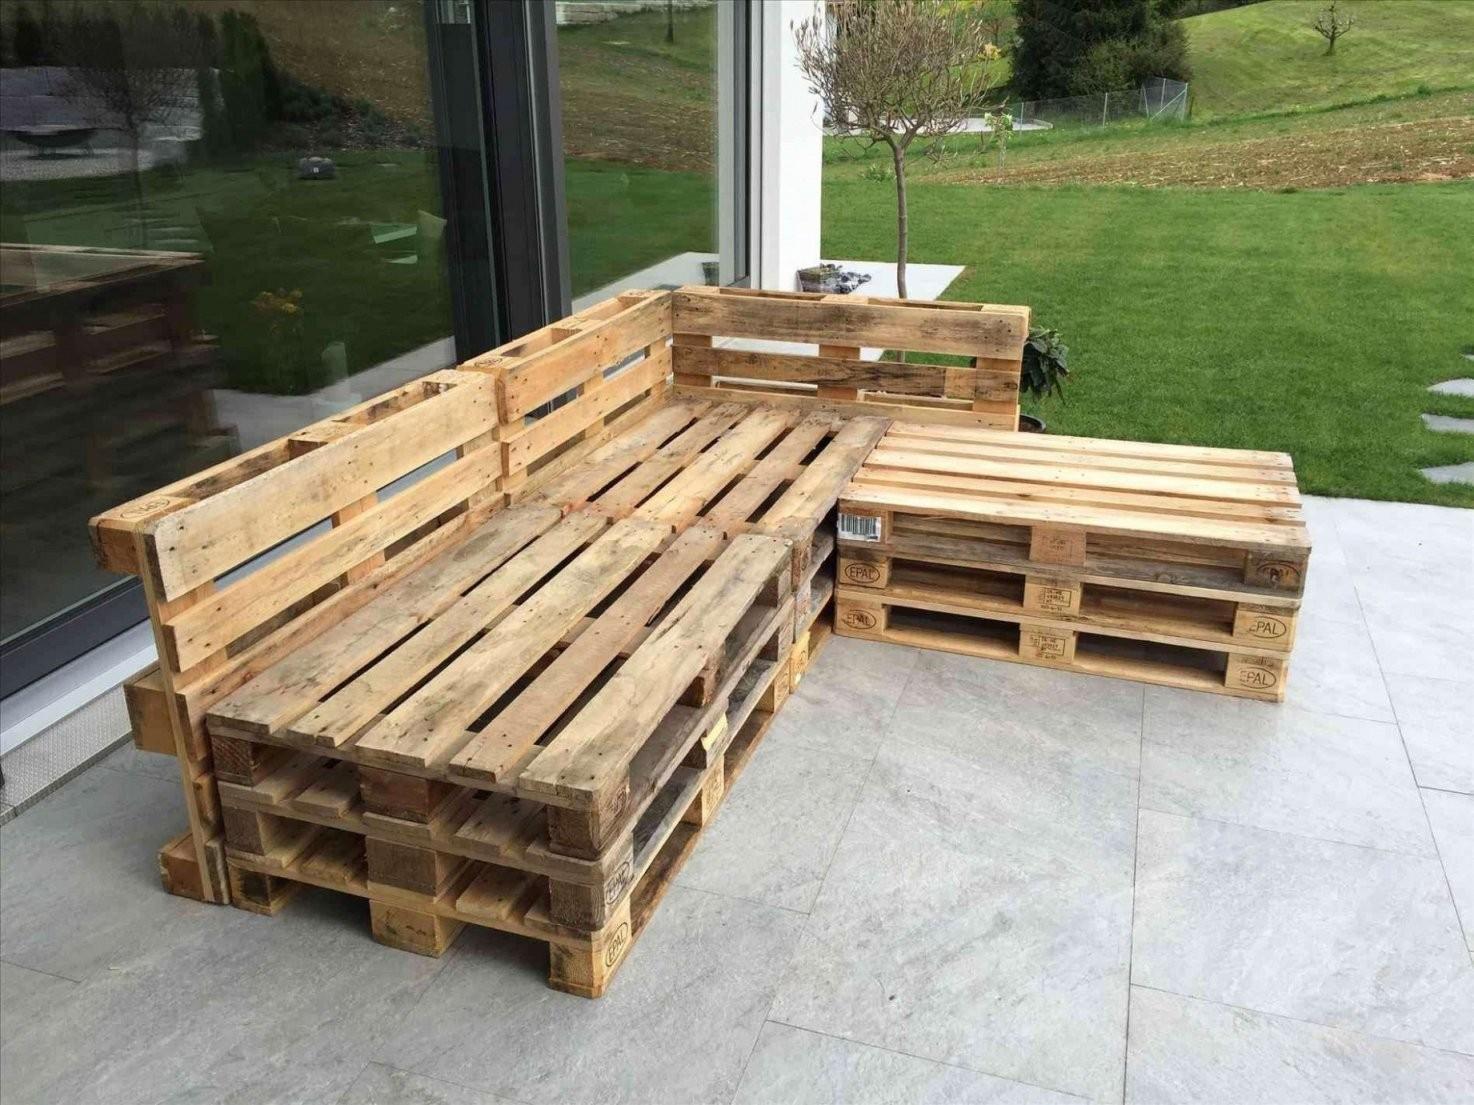 Gartenmöbel Massivholz Design Von Rustikale Holz Gartenmöbel Aus Polen von Rustikale Holz Gartenmöbel Aus Polen Bild